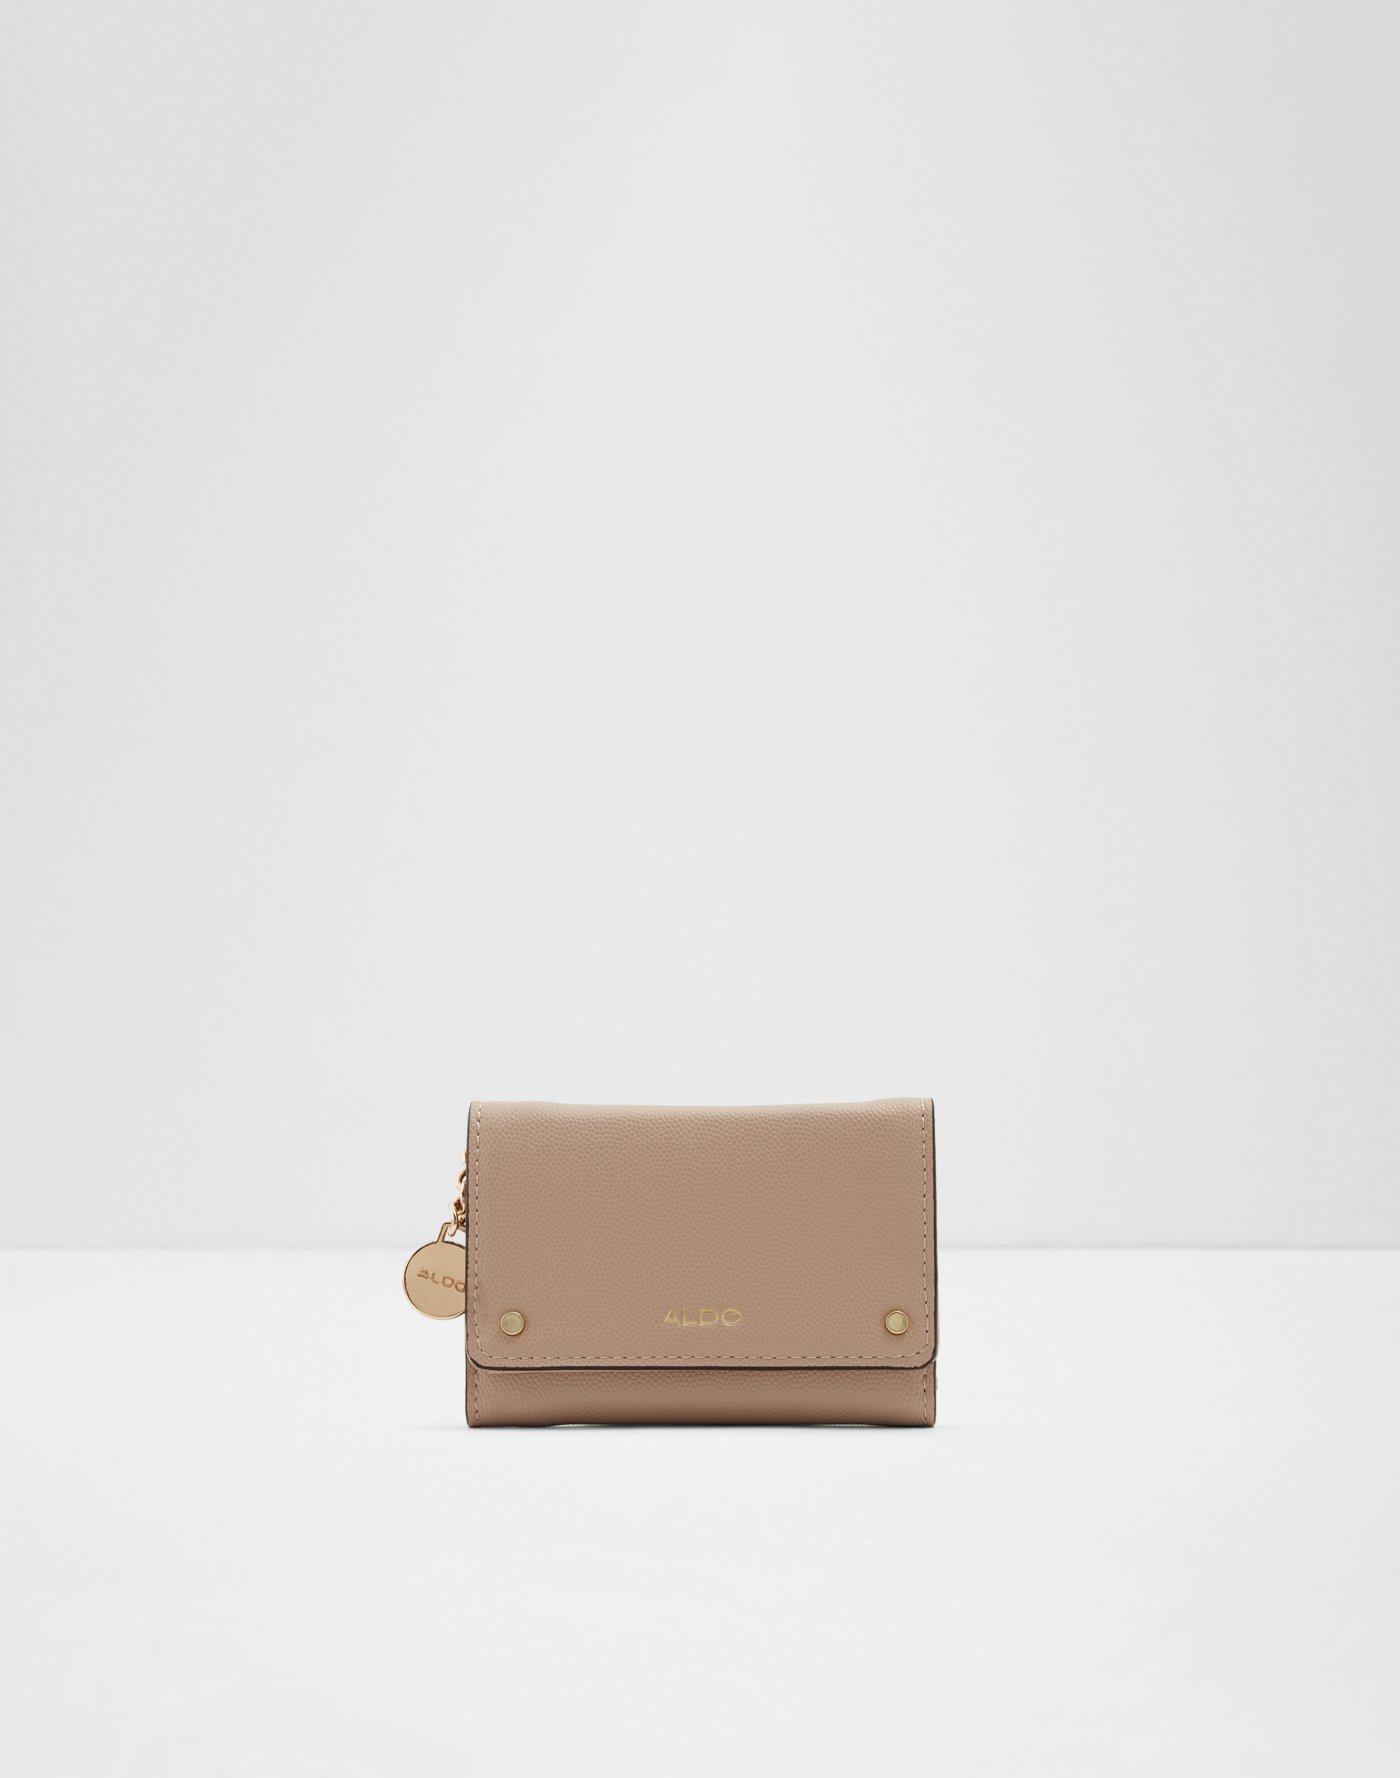 b6117fd71021 All Handbags | ALDO Canada